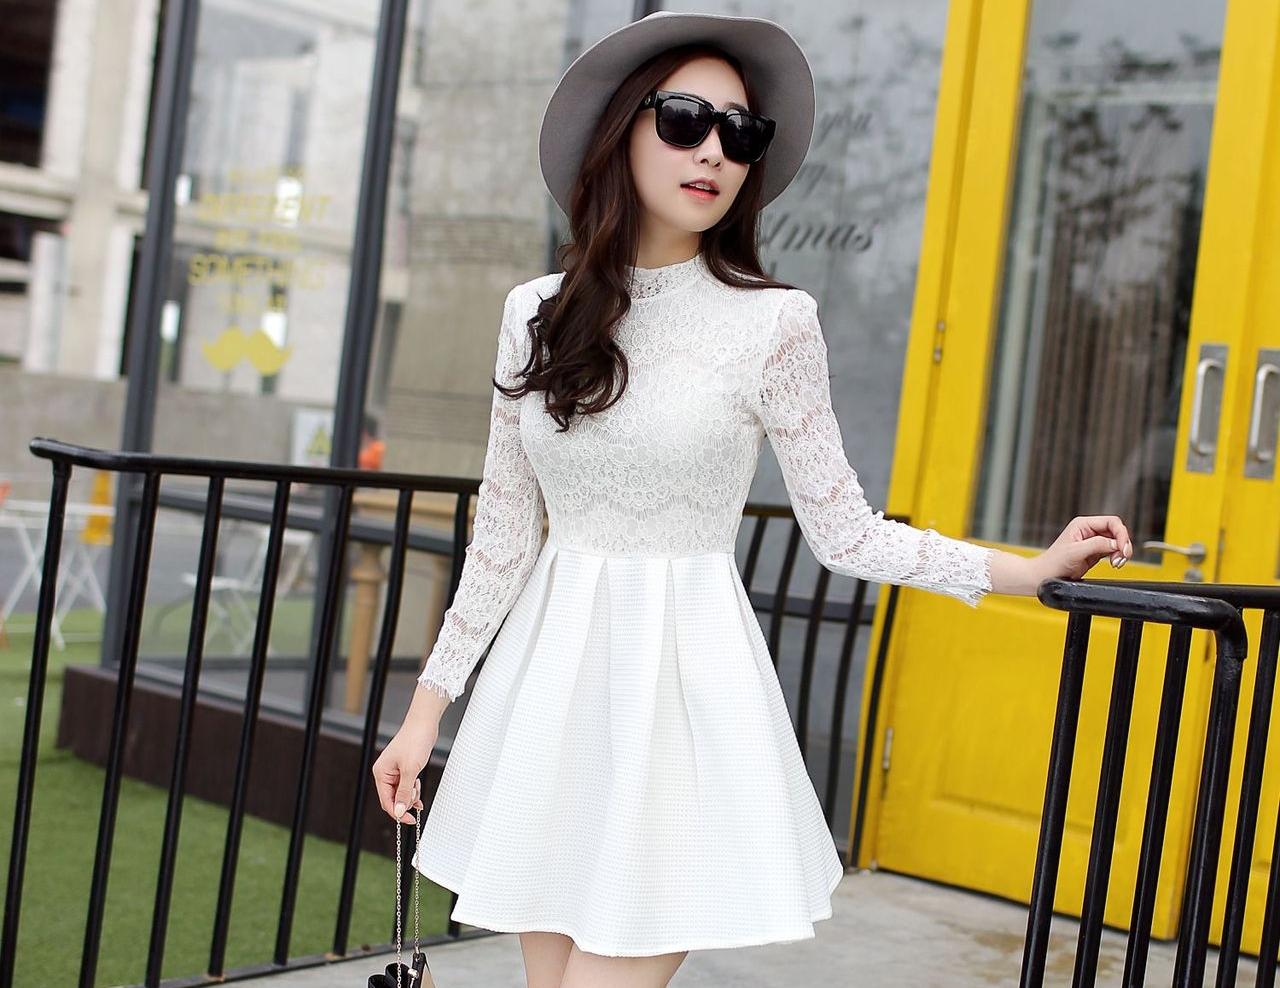 ชุดเดรสสั้นสีขาว แนวคุณหนู เรียบร้อย สวยหรู ดูดี สไตล์เกาหลี